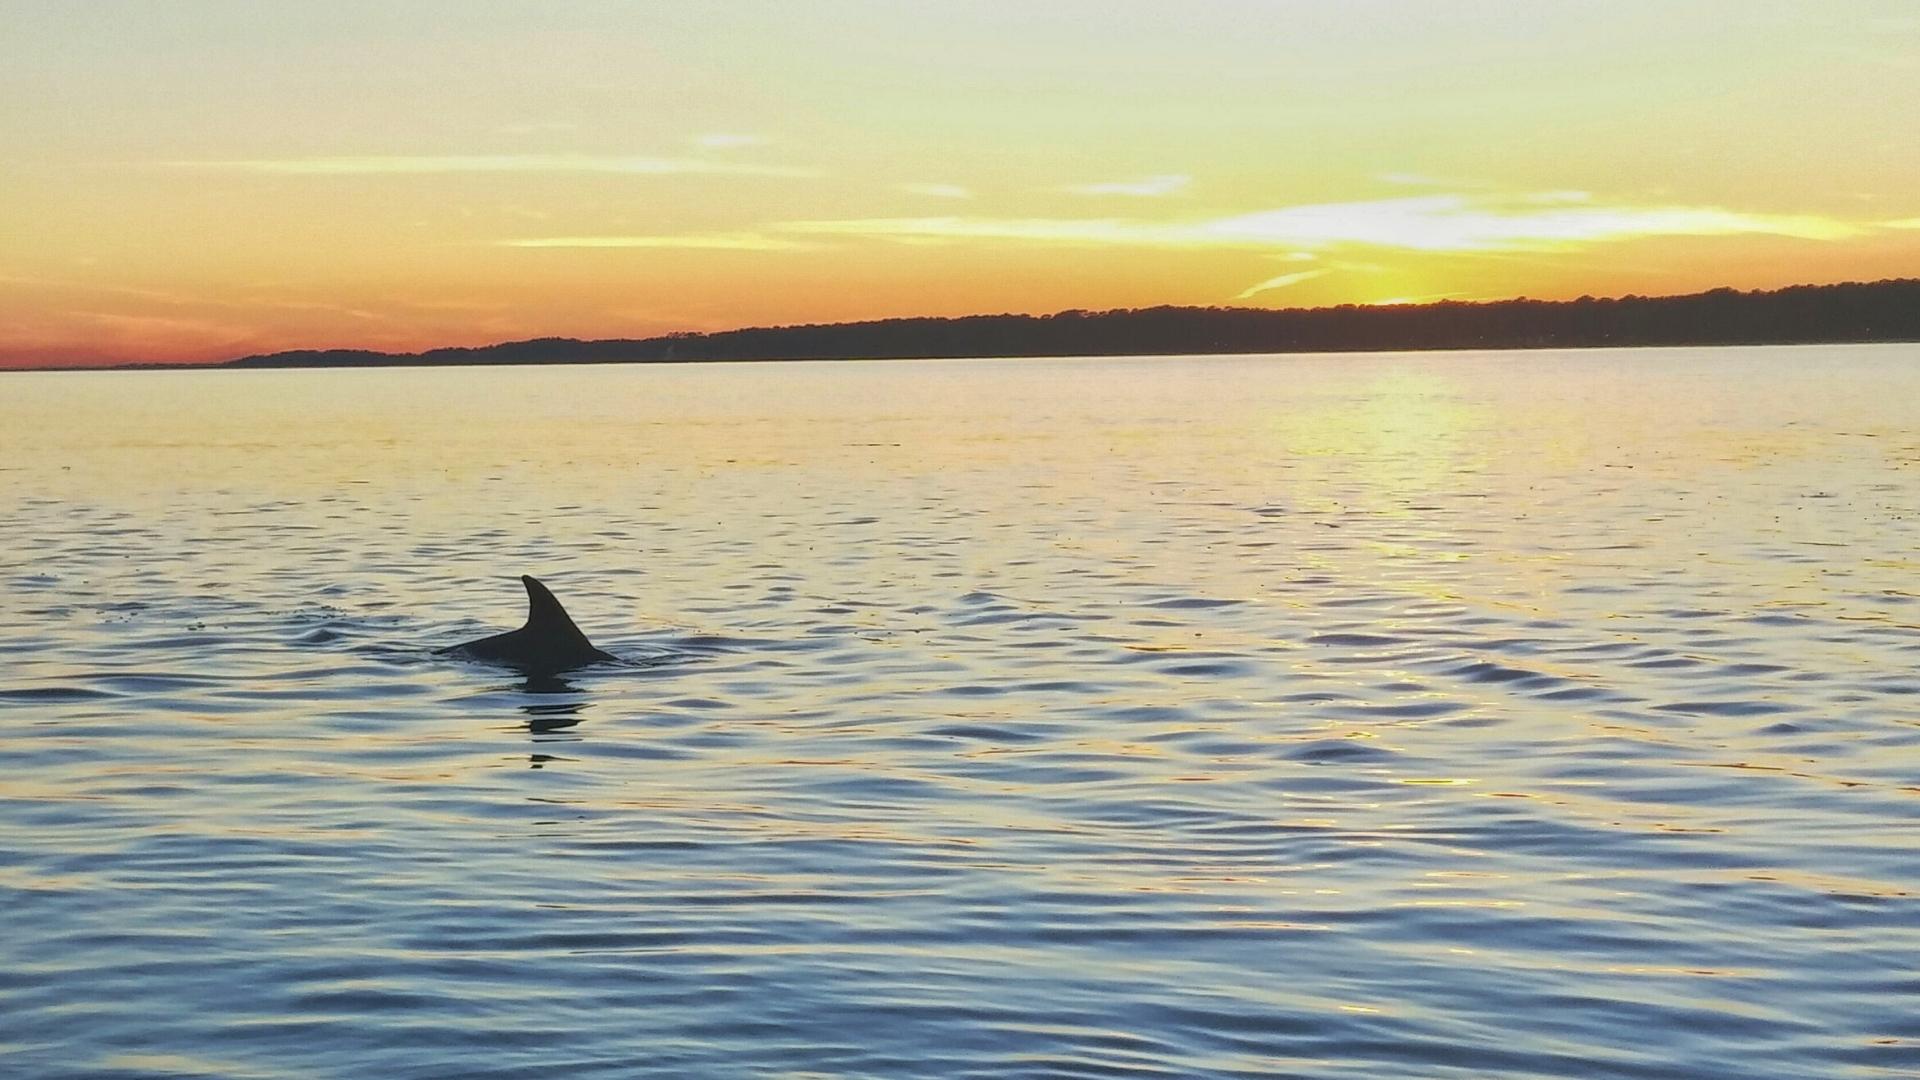 Atlantic Bottlenose Dolphin at Sunset